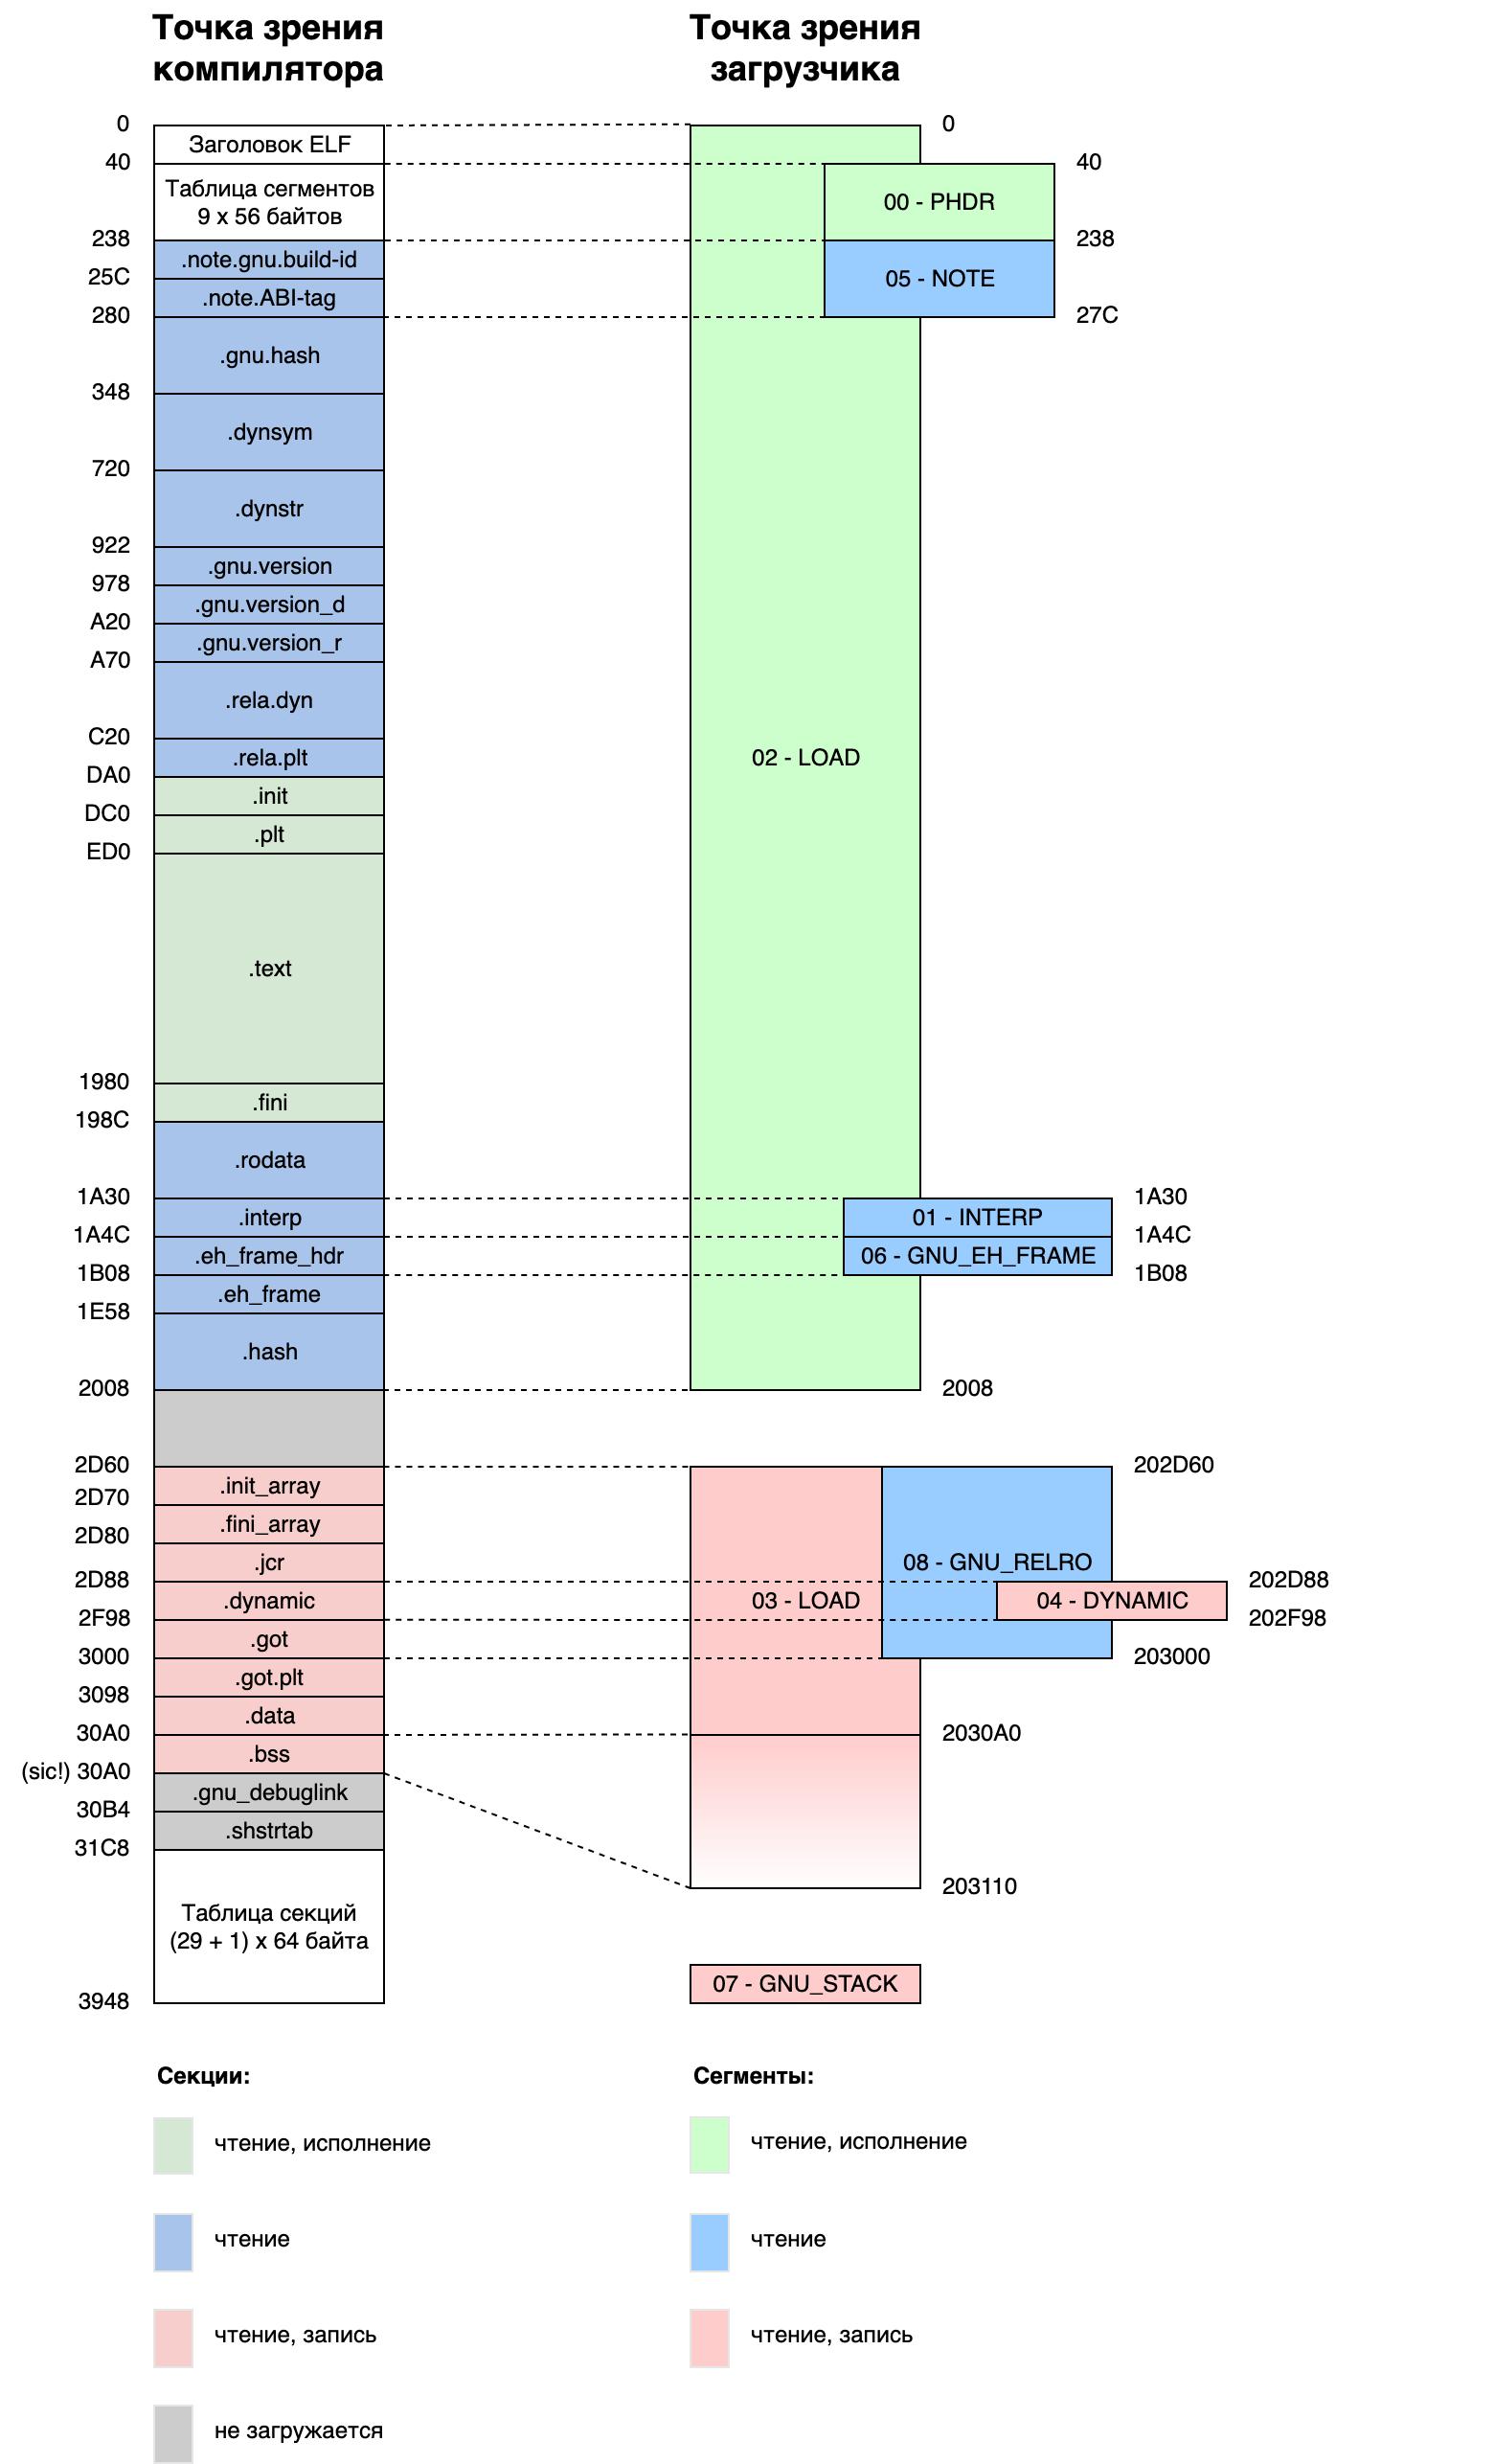 секции и сегменты libdl-2.19.so